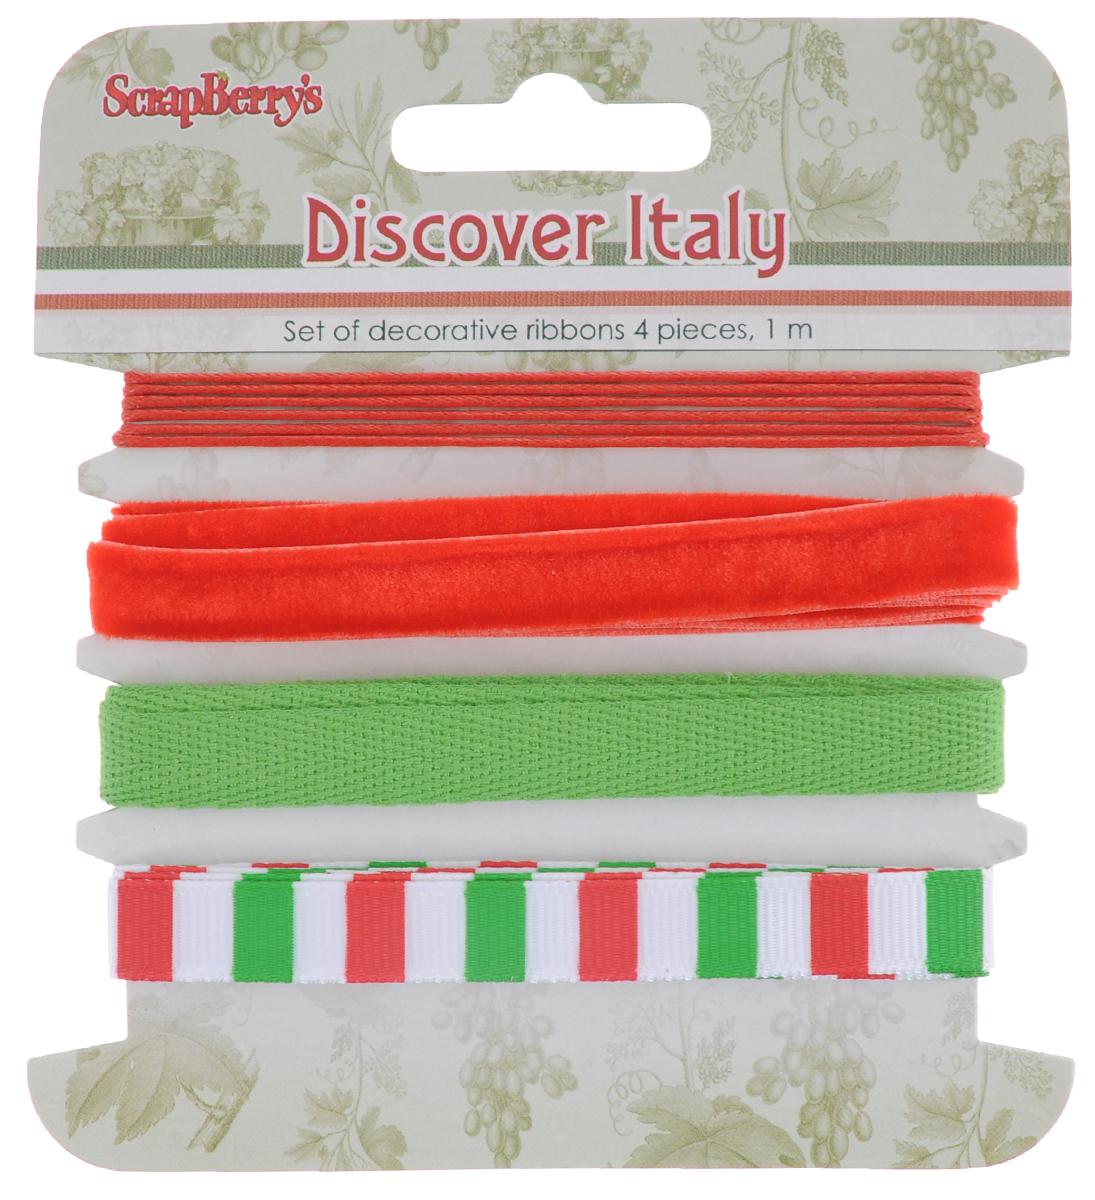 Набор декоративных лент ScrapBerrys Итальянские каникулы, 1 м, 4 штSCB390521Набор ScrapBerrys Итальянские каникулы включает шнурок и 3 декоративные ленты с различной текстурой и декором. Такие ленты прекрасно подойдут для оформления творческих работ в технике скрапбукинг, а также для изготовления бижутерии, бантиков, декора одежды и аксессуаров. Они разнообразят вашу работу и добавят вдохновения для новых идей. Длина лент и шнурка: 1 м. Ширина лент: 1 см. Толщина шнурка: 1 мм.